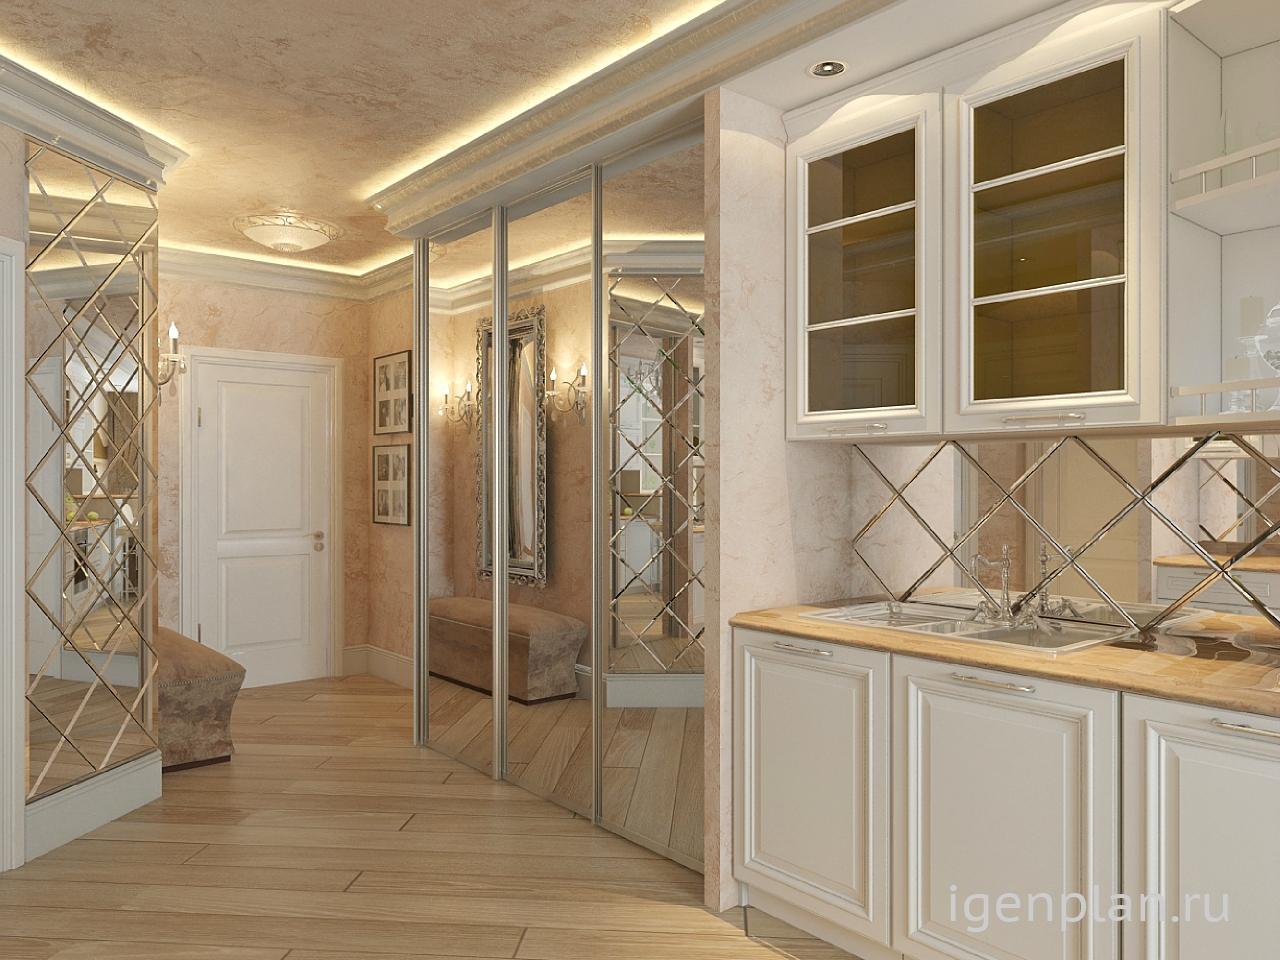 интерьер кухни гостиной в современном стиле в классическом стиле